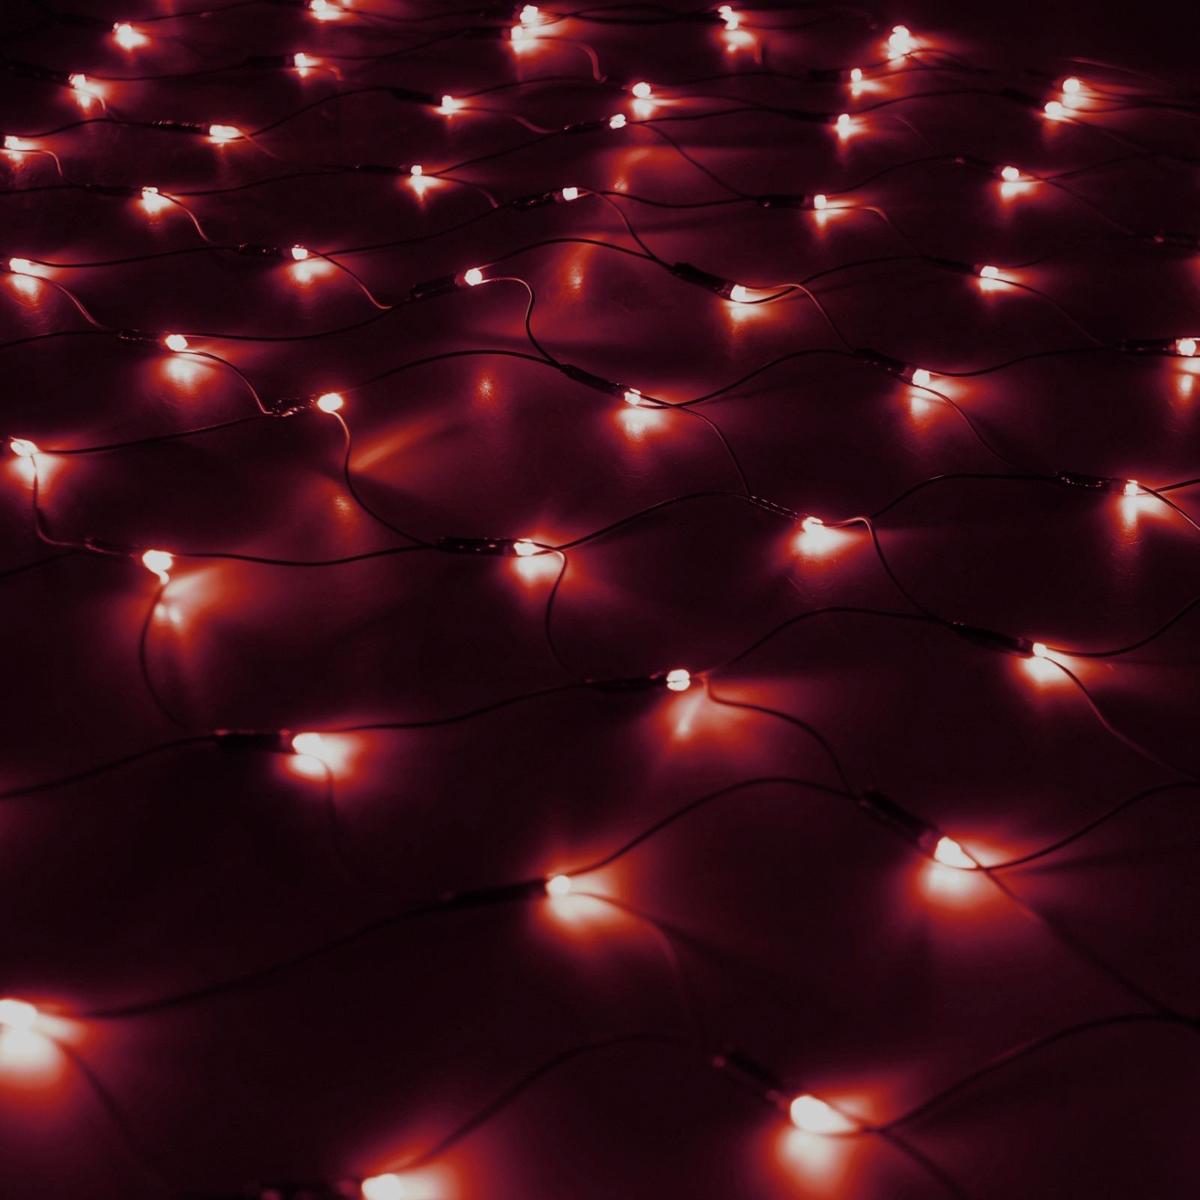 Гирлянда Luazon Сетка, длина 1,1 м, LED 144 ламп, 220V, цвет: красный. 187226187226Светодиодные гирлянды, ленты и т.д — это отличный вариант для новогоднего оформления интерьера или фасада. С их помощью помещение любого размера можно превратить в праздничный зал, а внешние элементы зданий, украшенные ими, мгновенно станут напоминать очертания сказочного дворца. Такие украшения создают ауру предвкушения чуда. Деревья, фасады, витрины, окна и арки будто специально созданы, чтобы вы украсили их светящимися нитями.